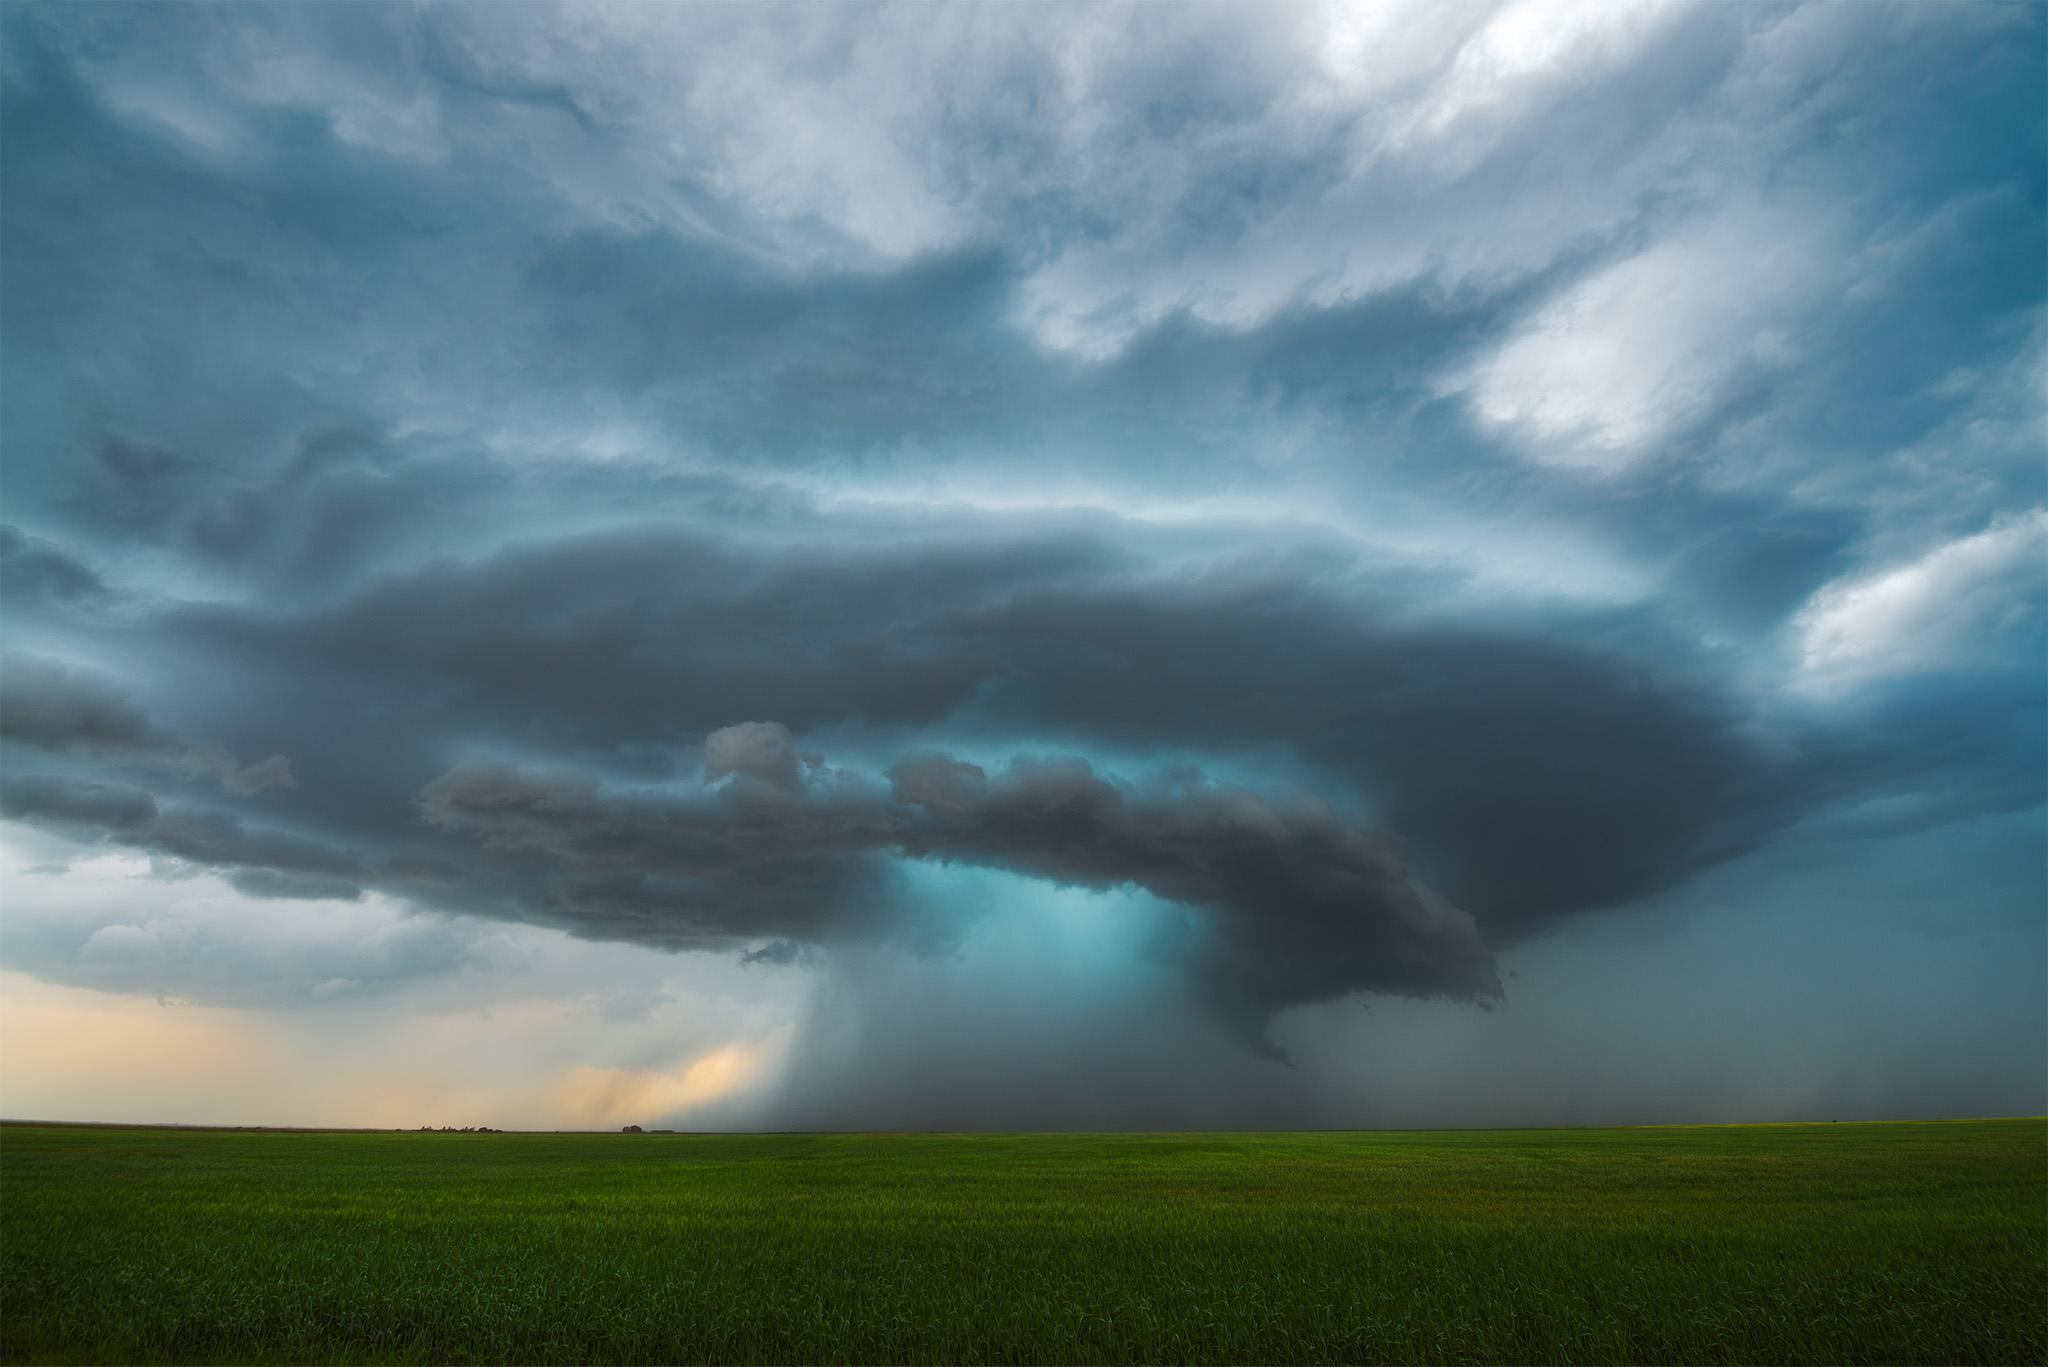 A supercell thunderstorm near Central Butte, Saskatchewan